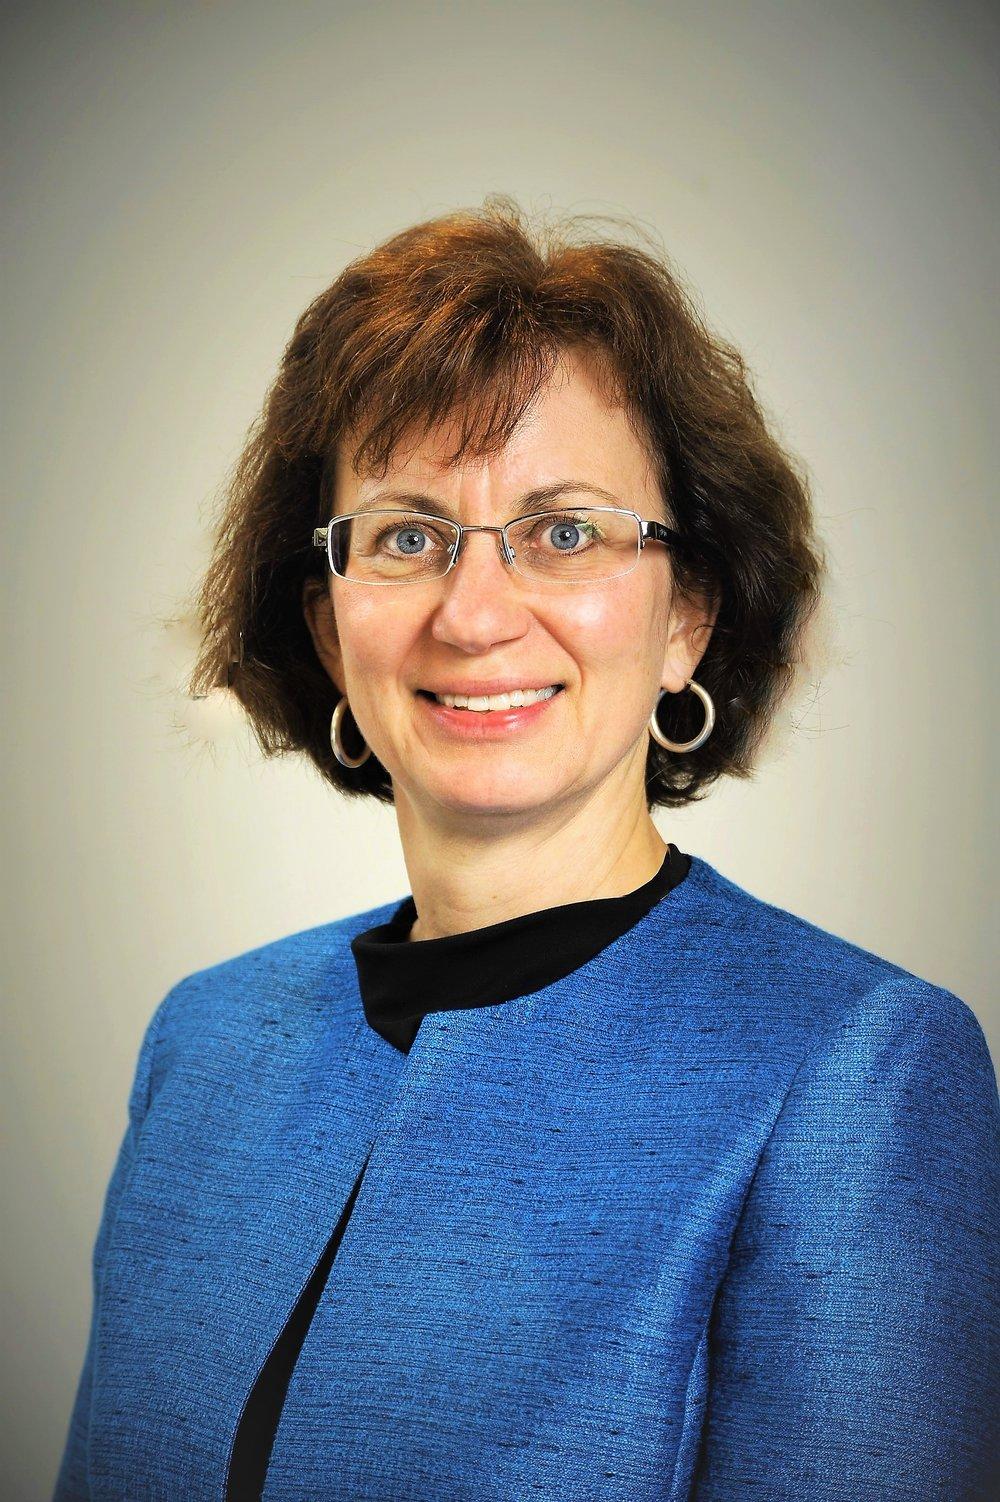 Elaine Hylek (Boston, USA)